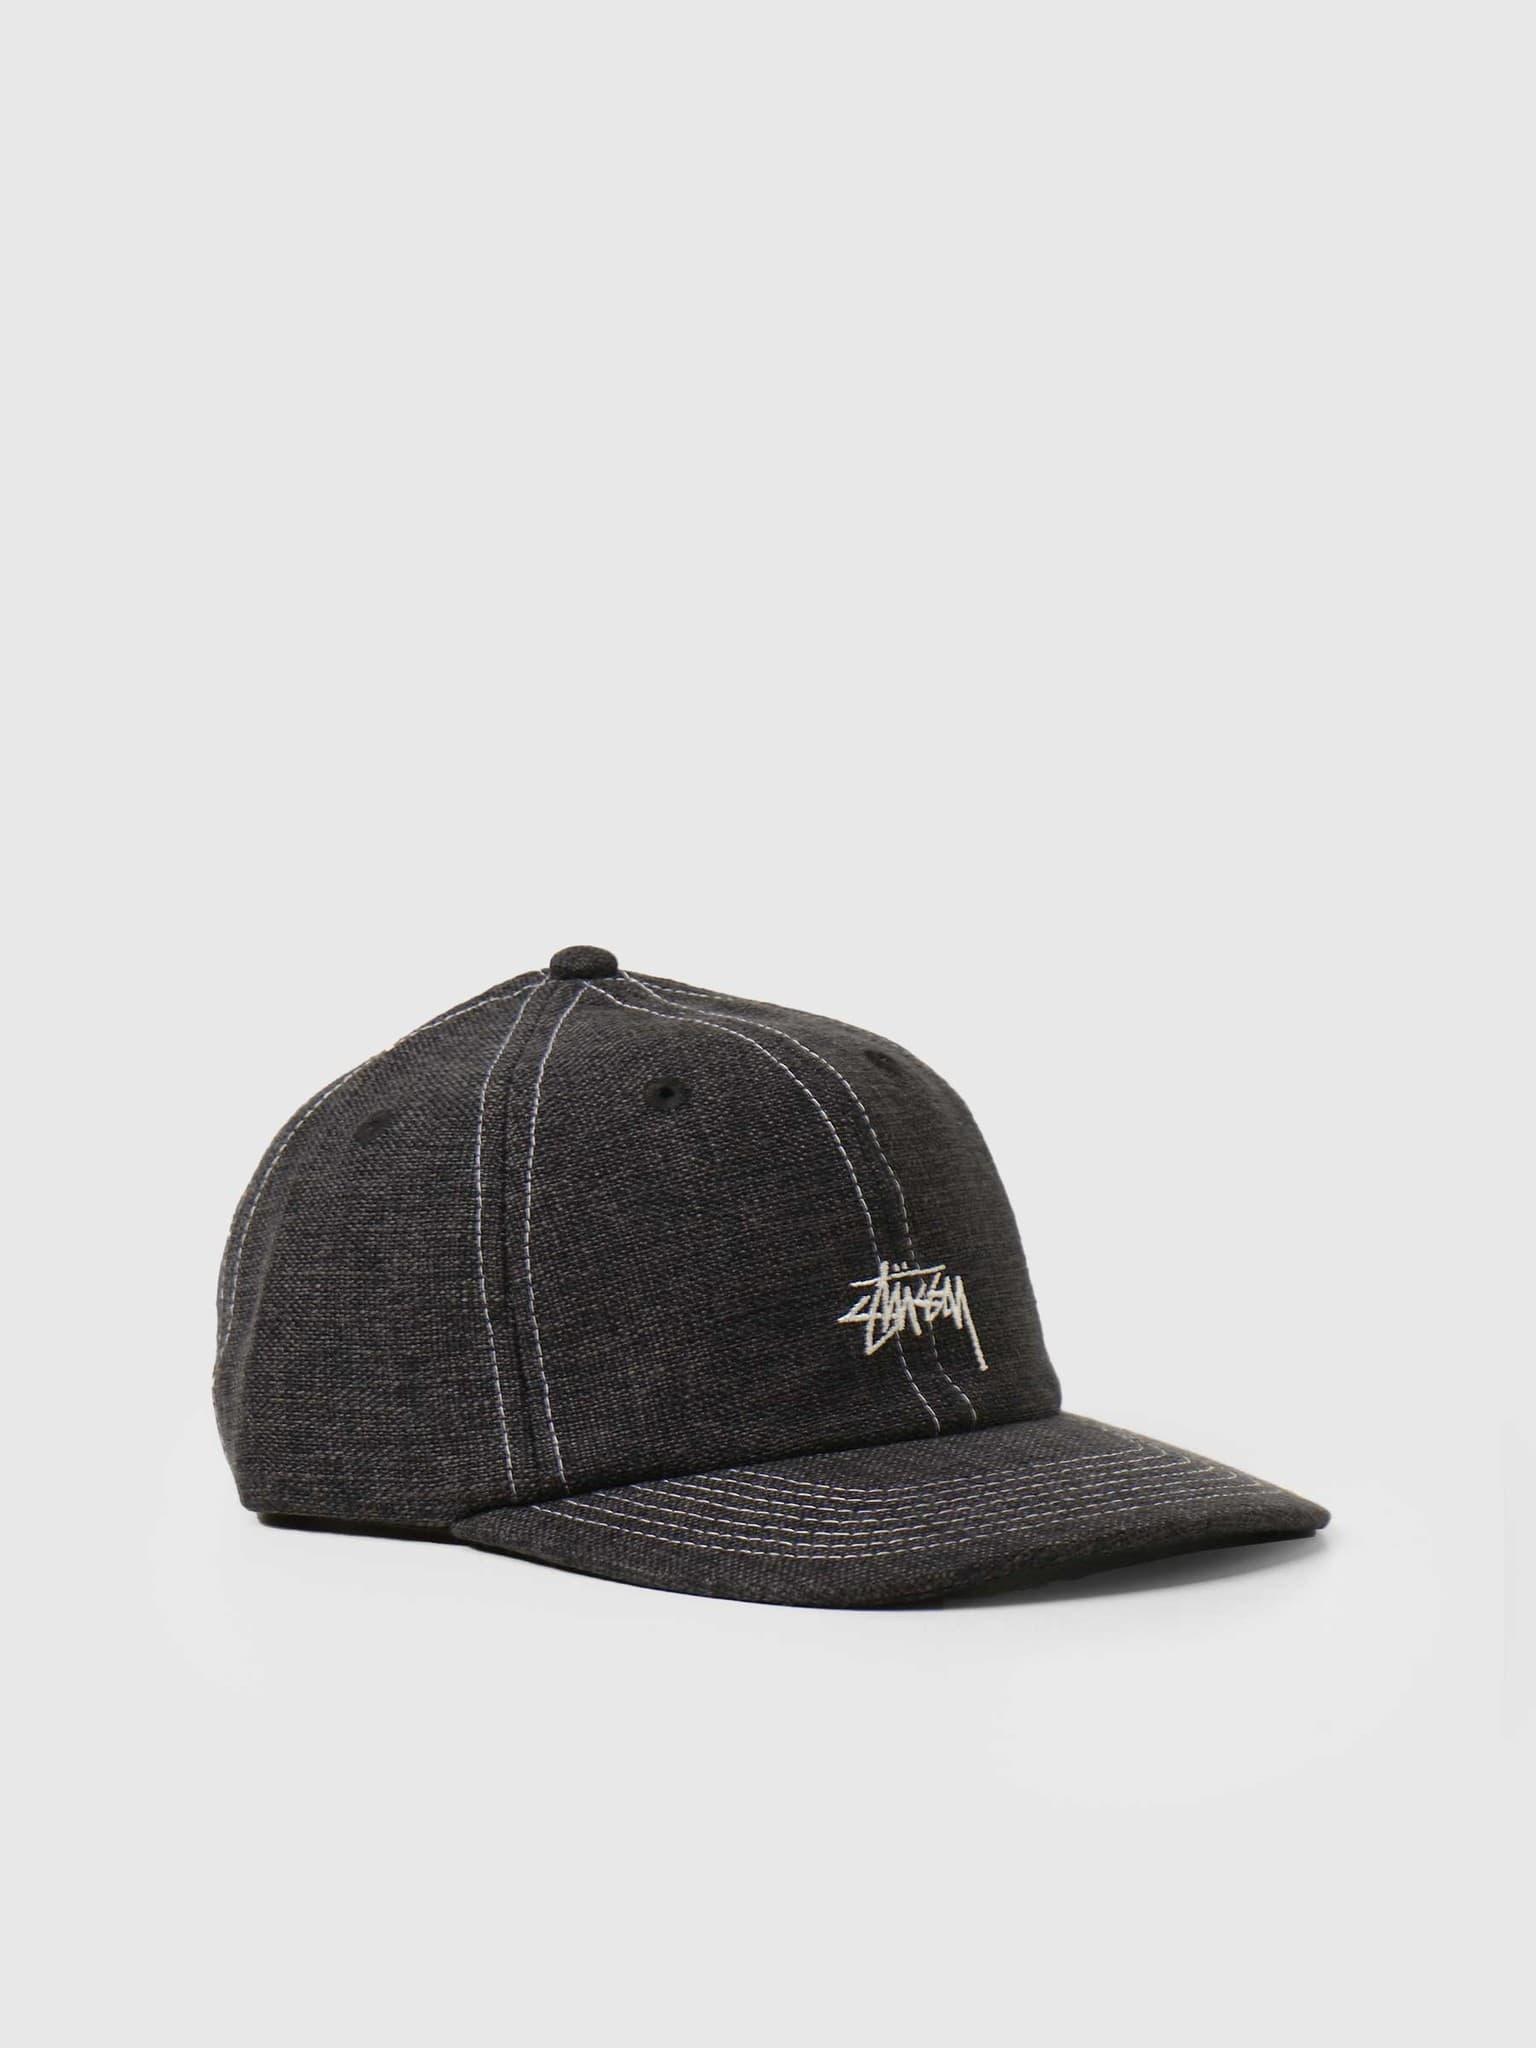 Loose Weave Stock Strapback Black 131997